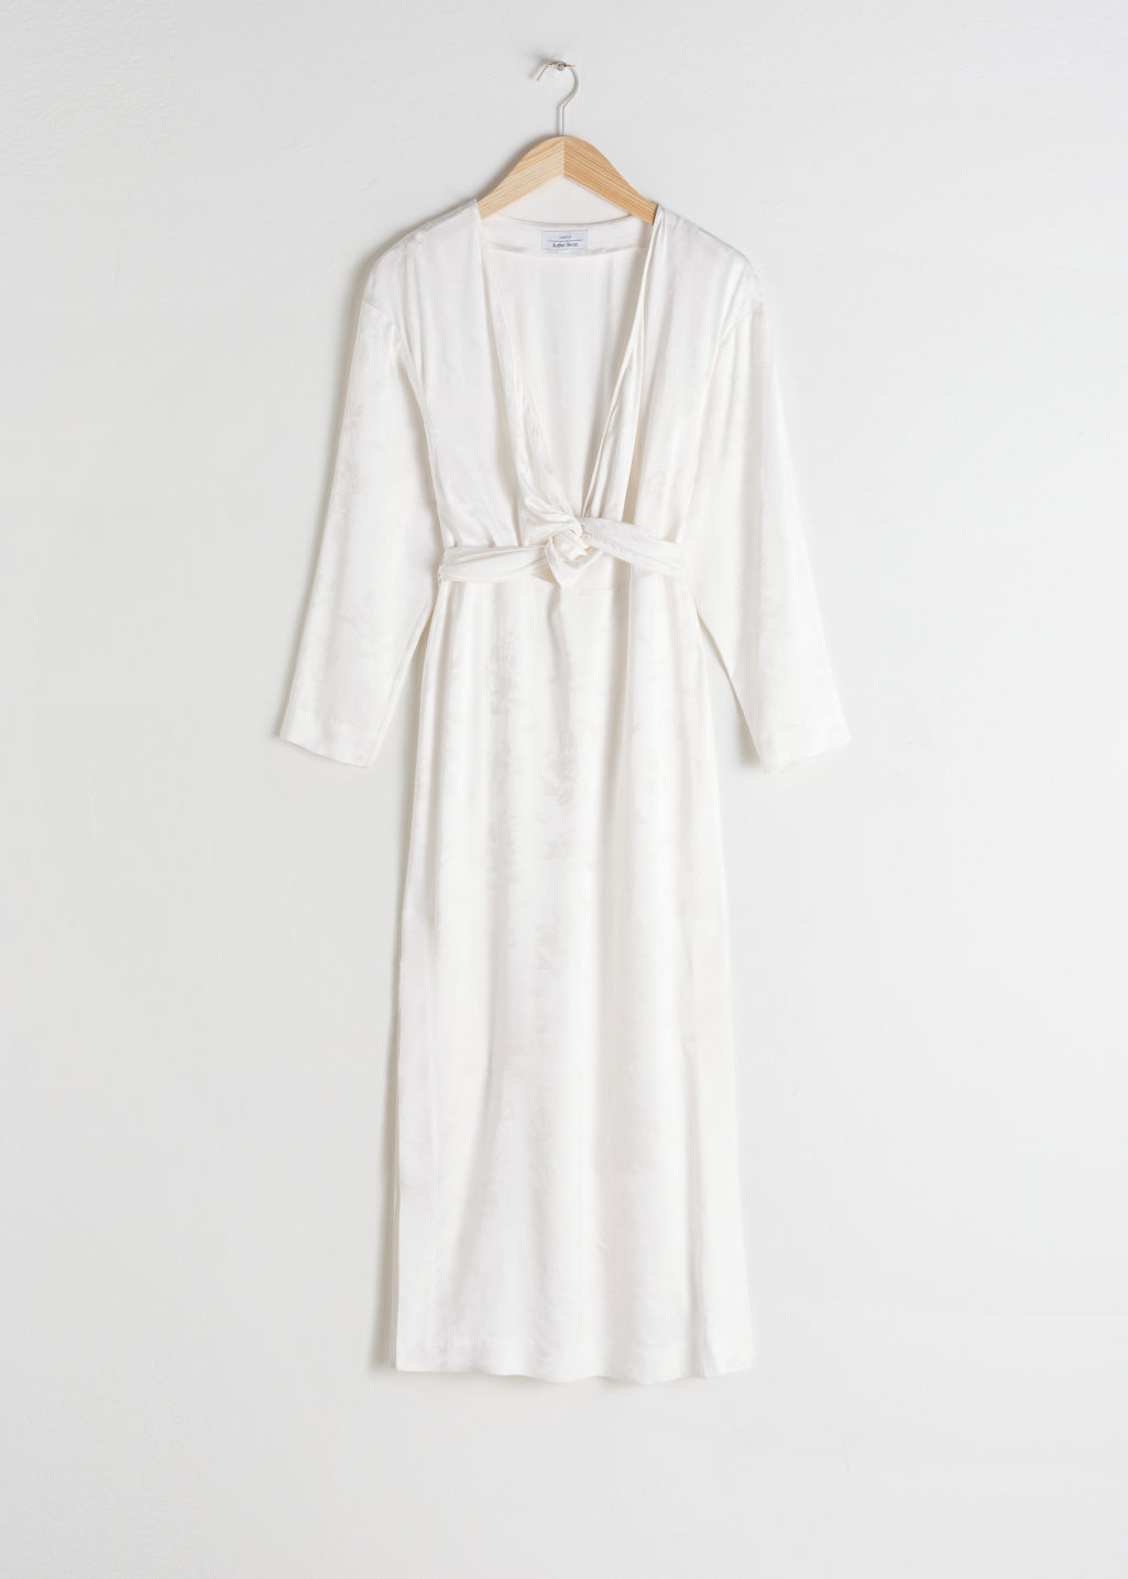 a3e3924bacfc Floral Jacquard Overlapping Midi Dress - White - Midi dresses ...